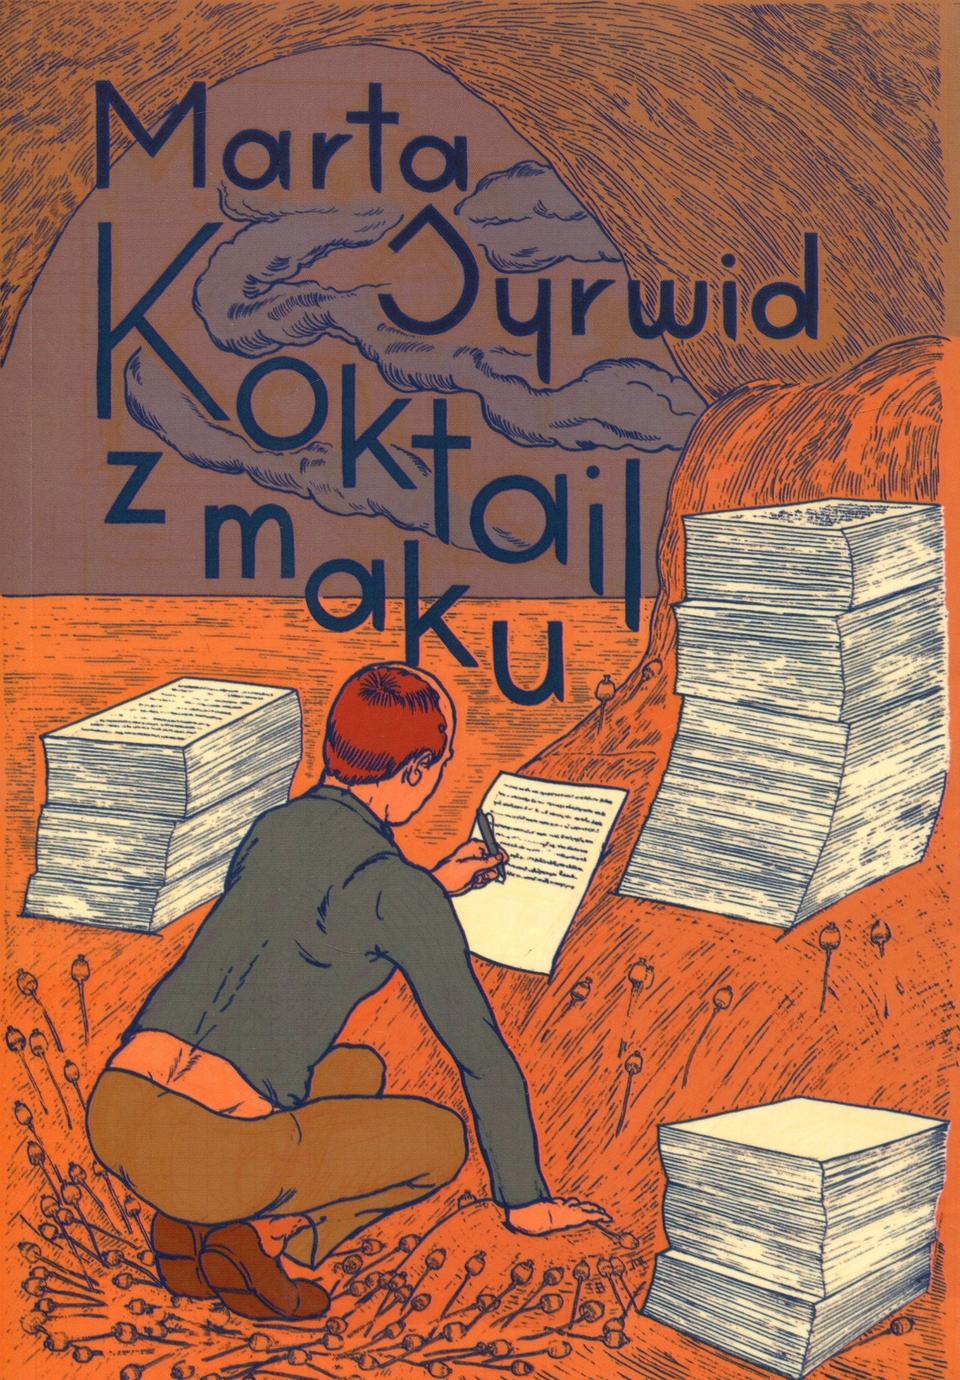 Pomarańczowa okładka książki z obrazkiem człowieka przed stertą dokumentów